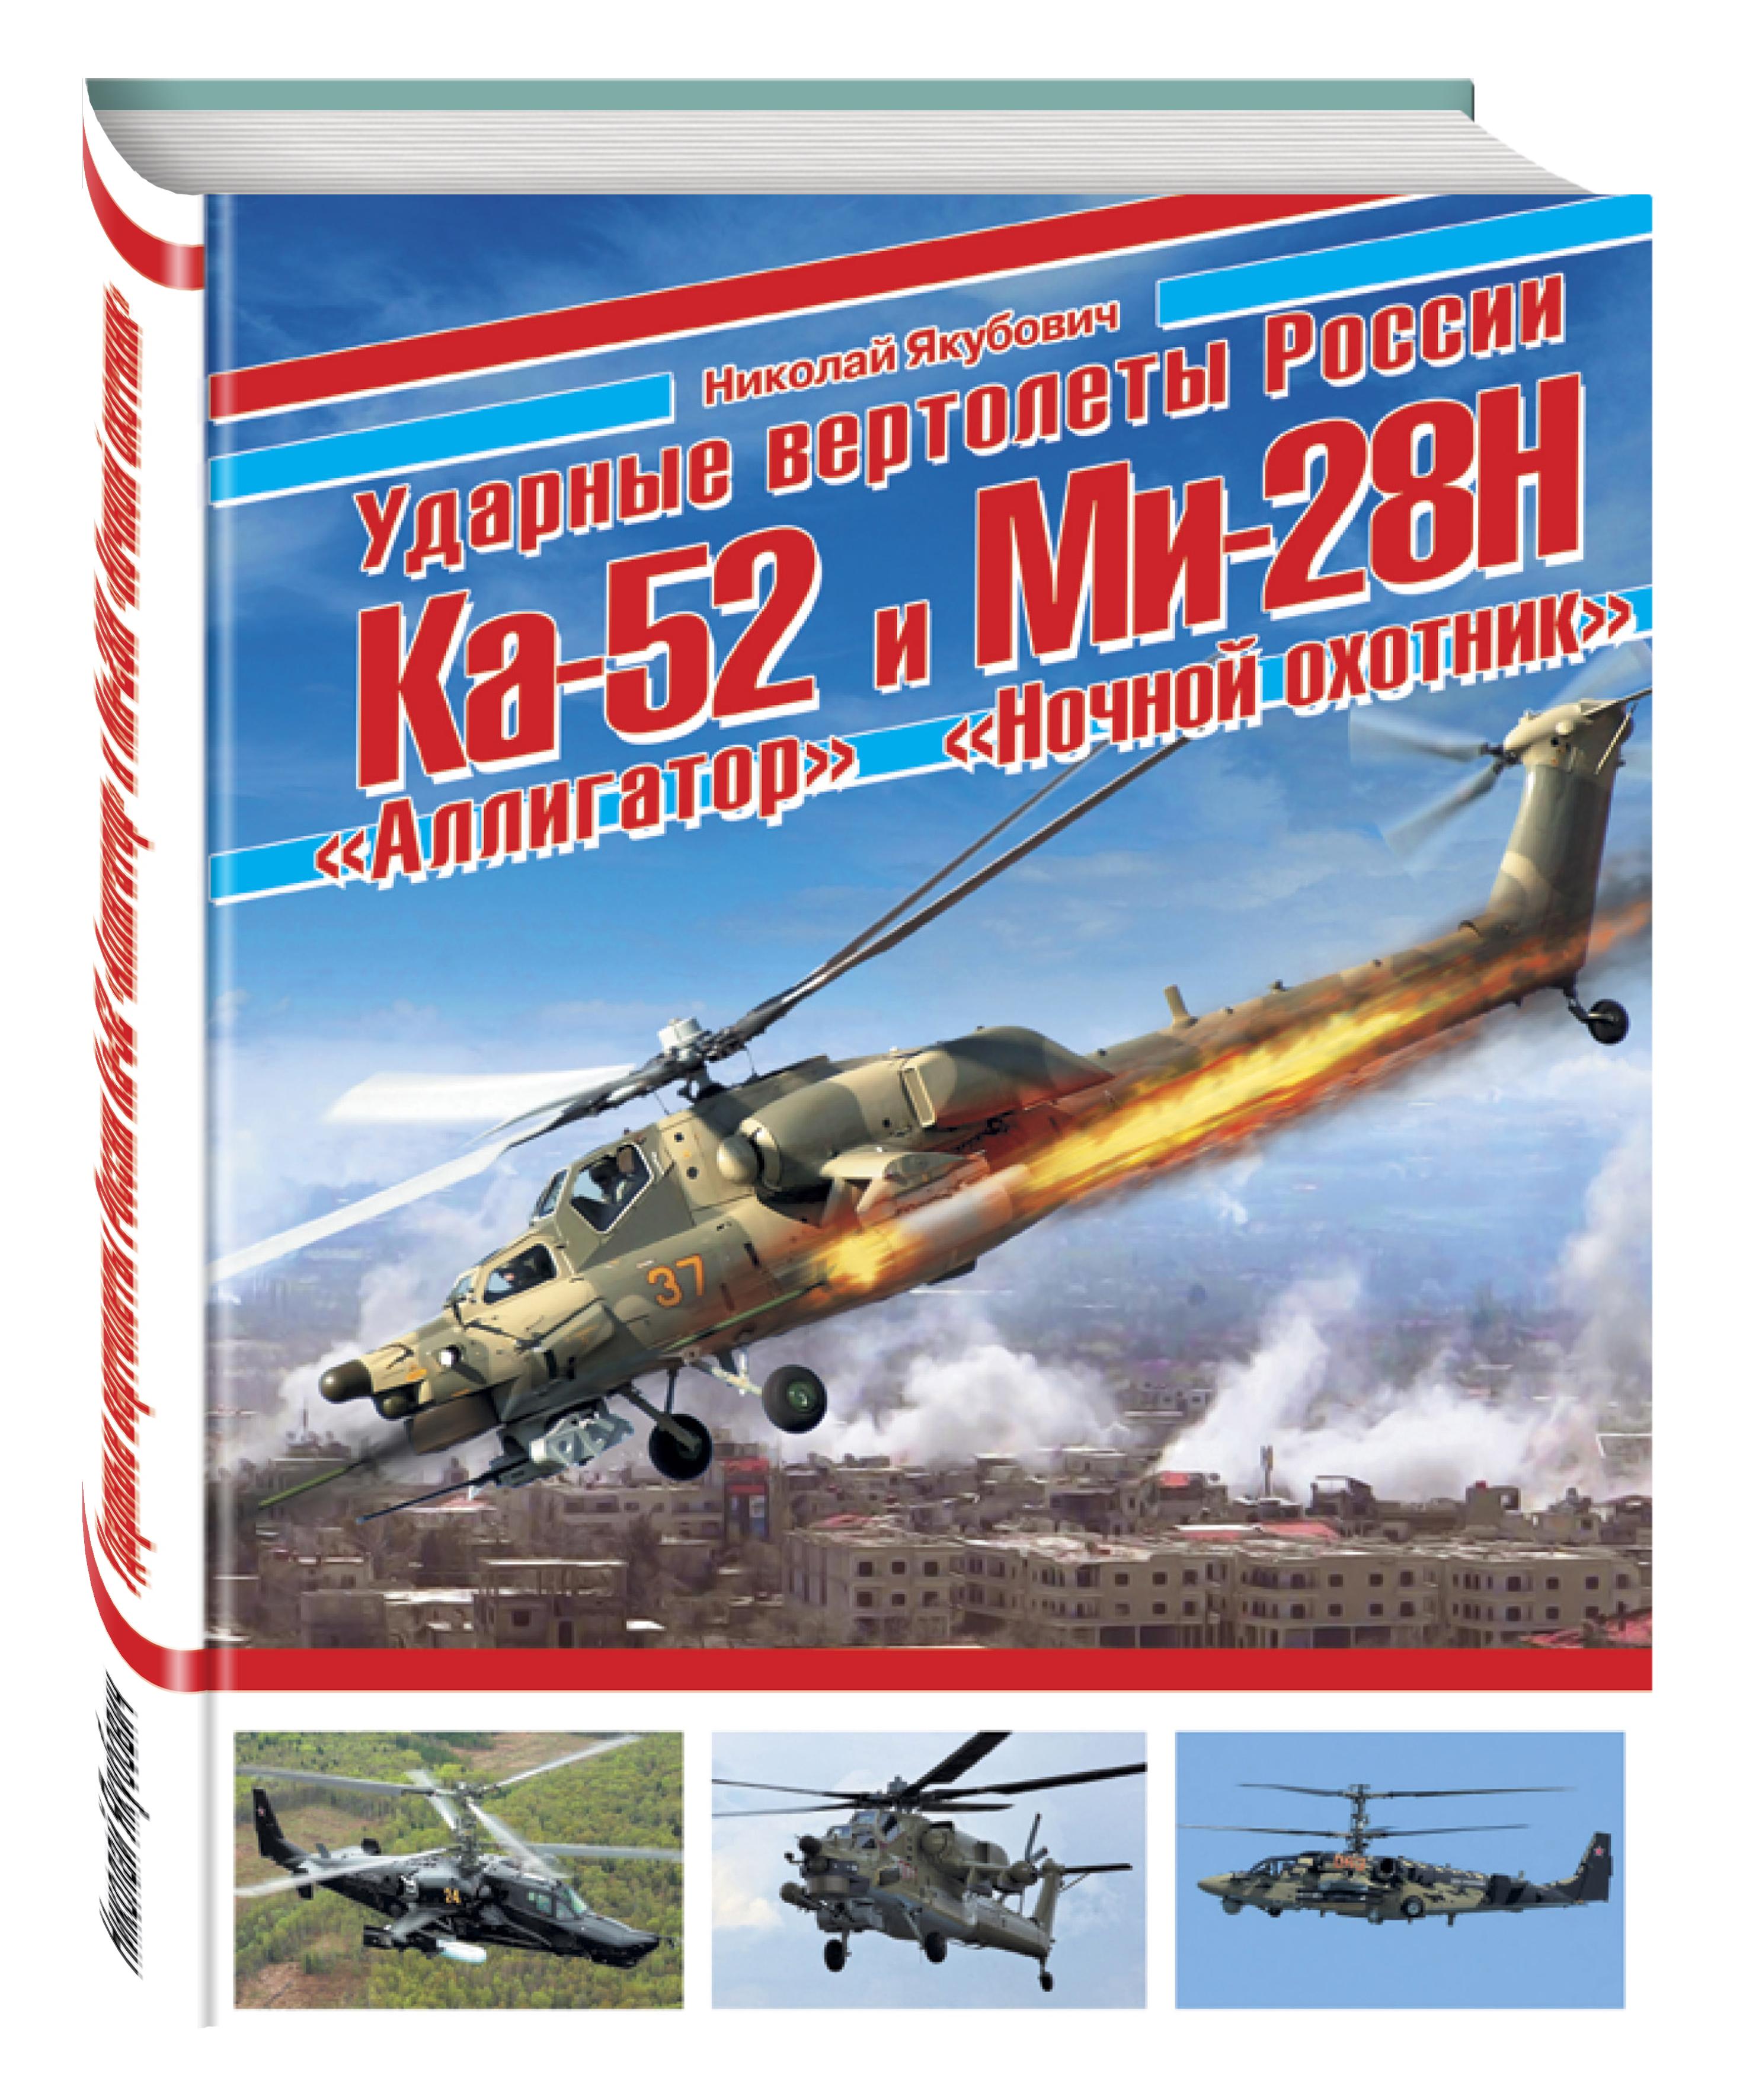 Ударные вертолеты России Ка-52 «Аллигатор» и Ми-28 Н «Ночной охотник»